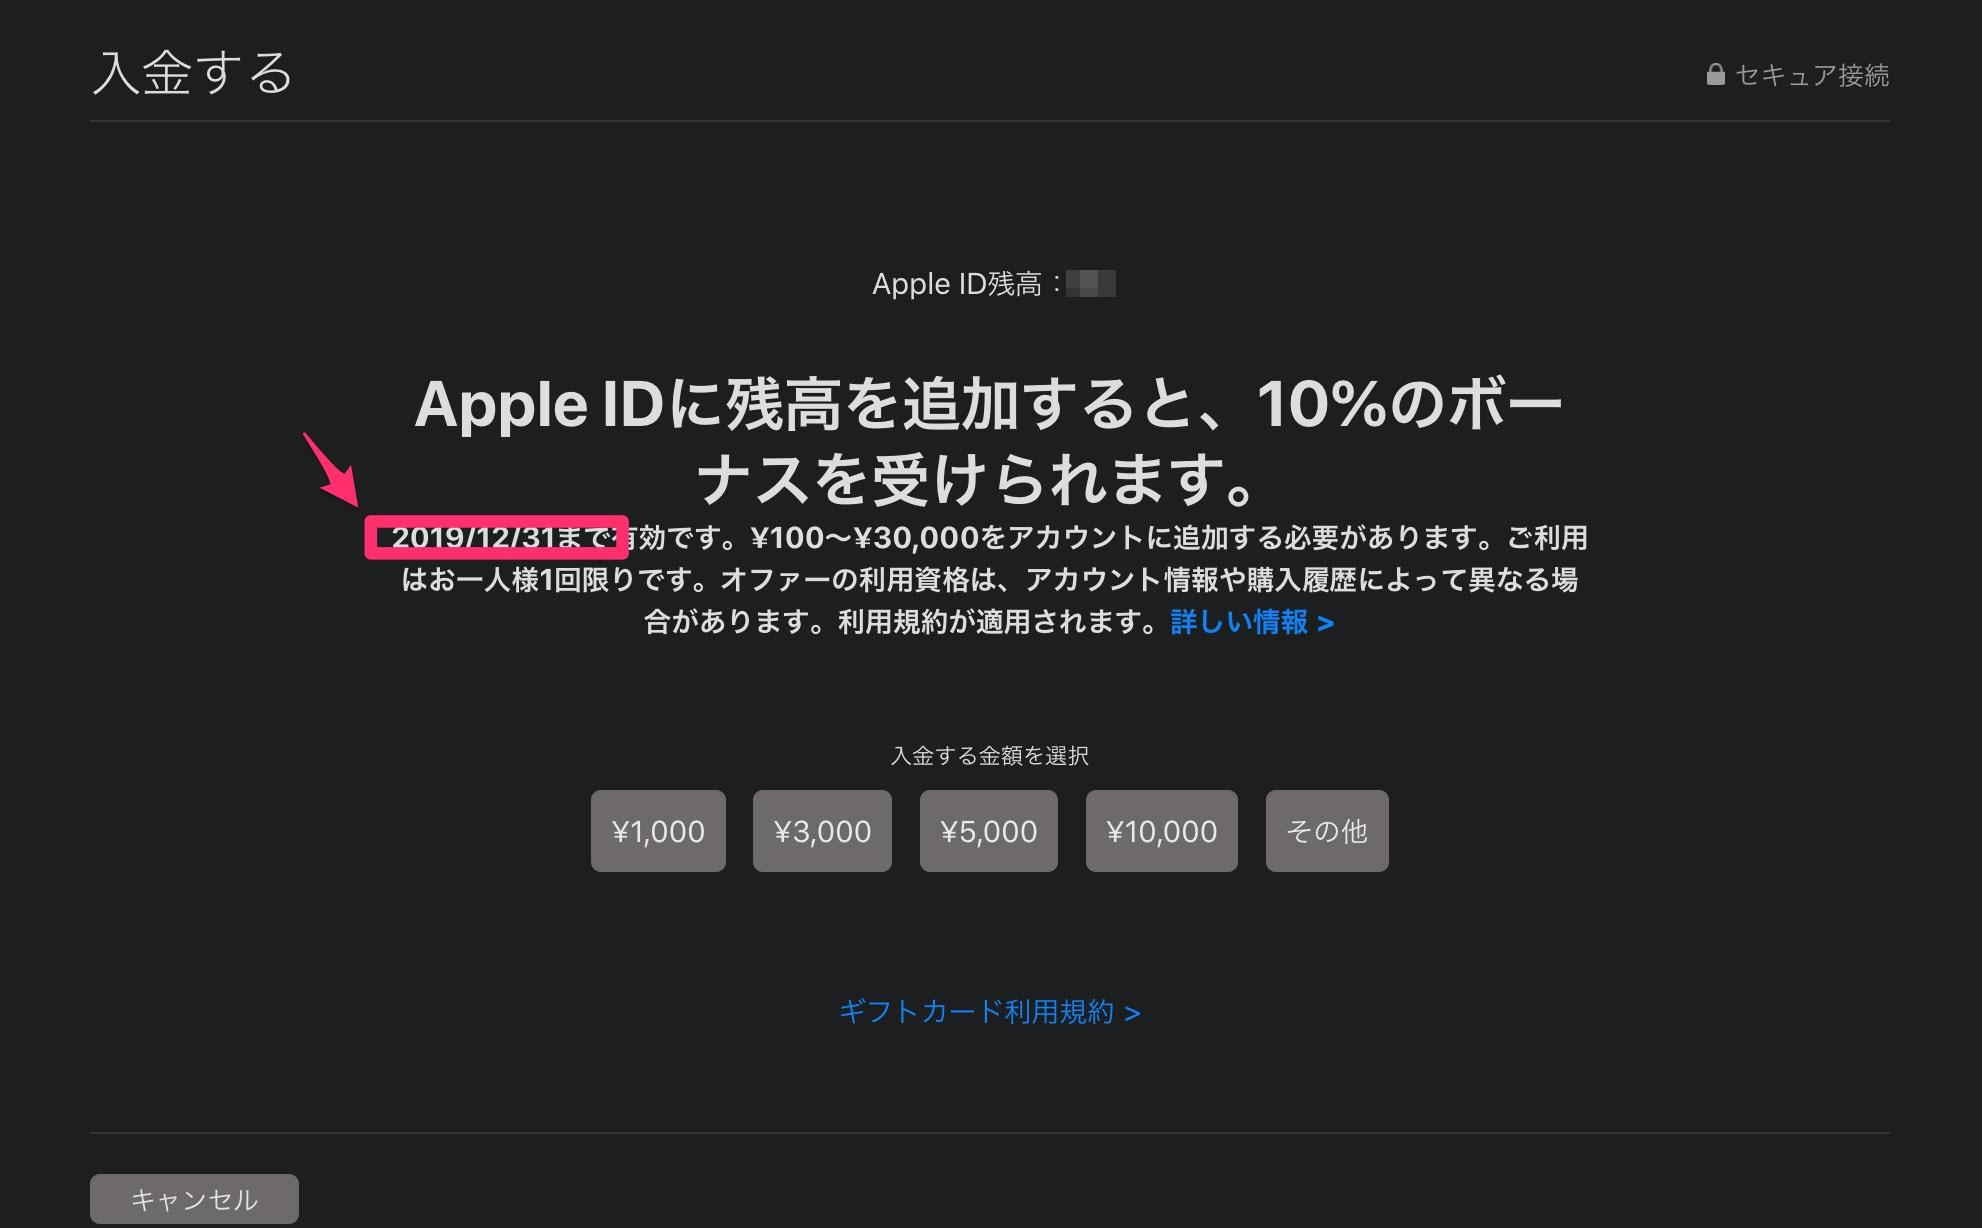 Apple IDに入金すると、10%のボーナスがもらえるキャンペーンが12月31日まで期間延長